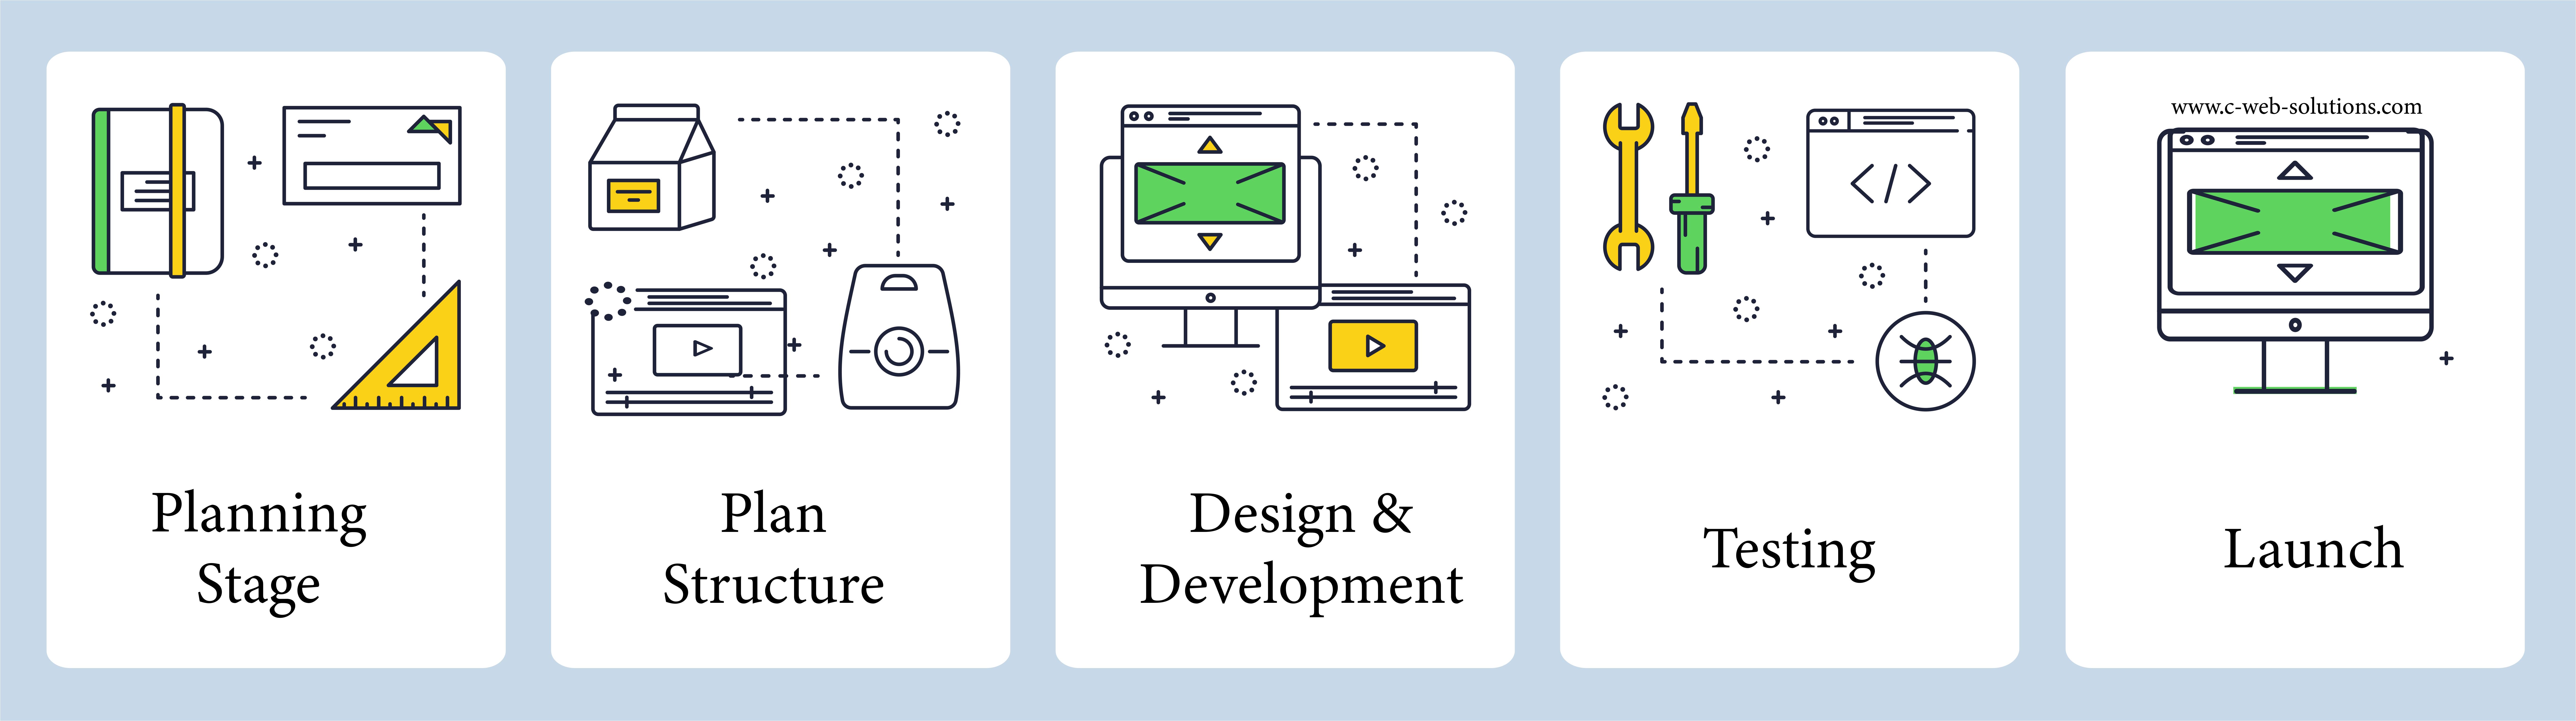 cea1ee84dc Tokyo Web Design & Development | C Web Solutions | Services